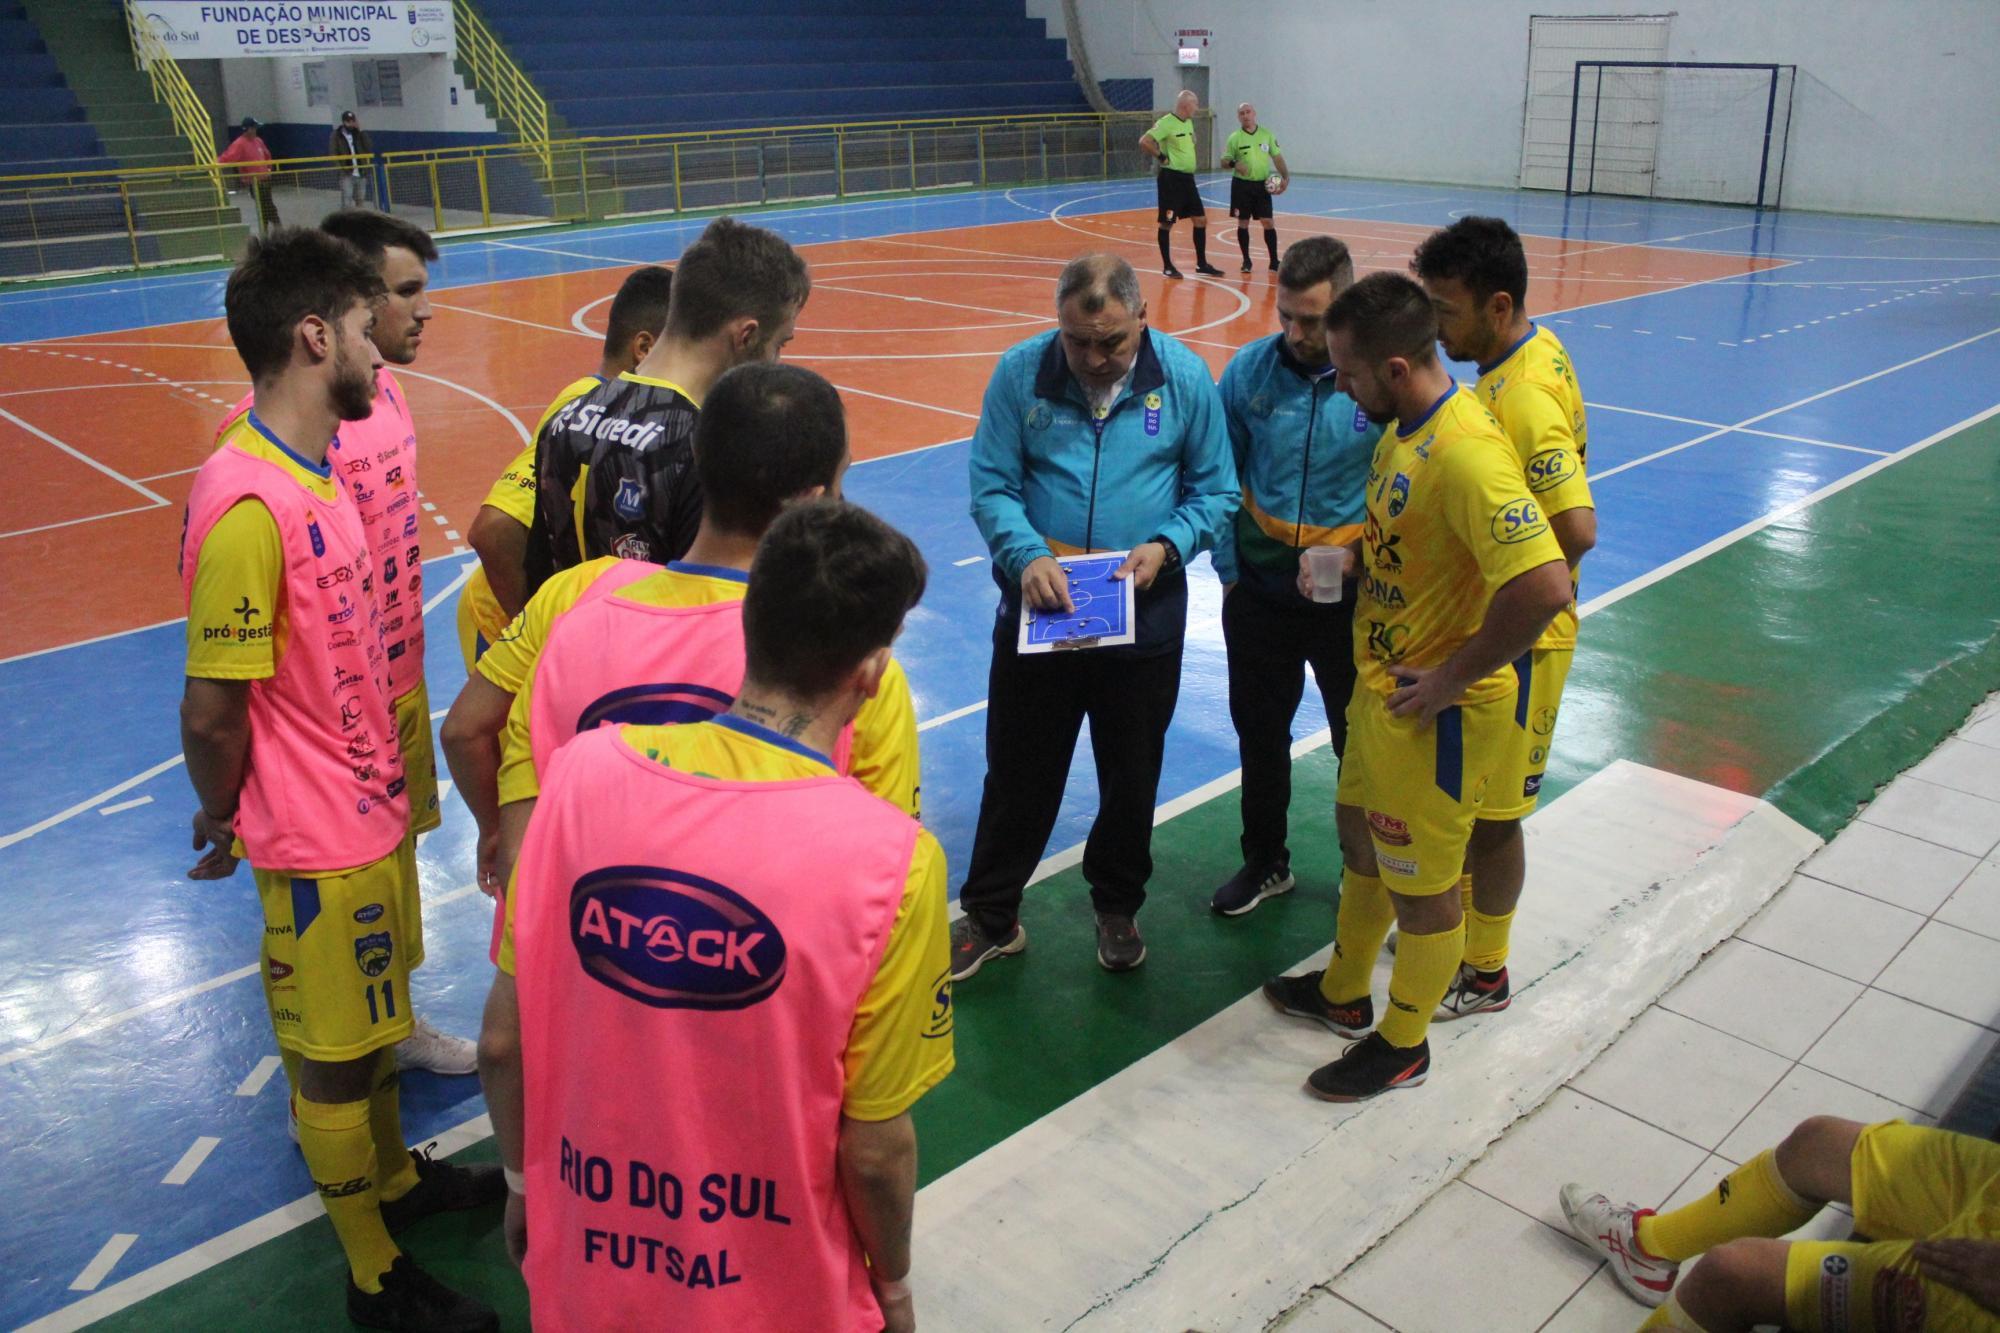 Rio do Sul enfrenta Saudades em duelo decisivo pela Liga Catarinense de Futsal